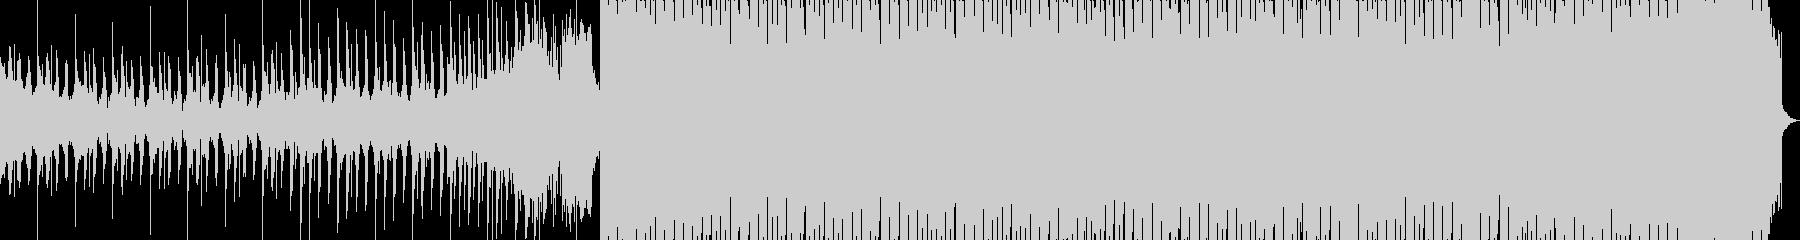 スタイリッシュで明るく爽やかなEDMの未再生の波形